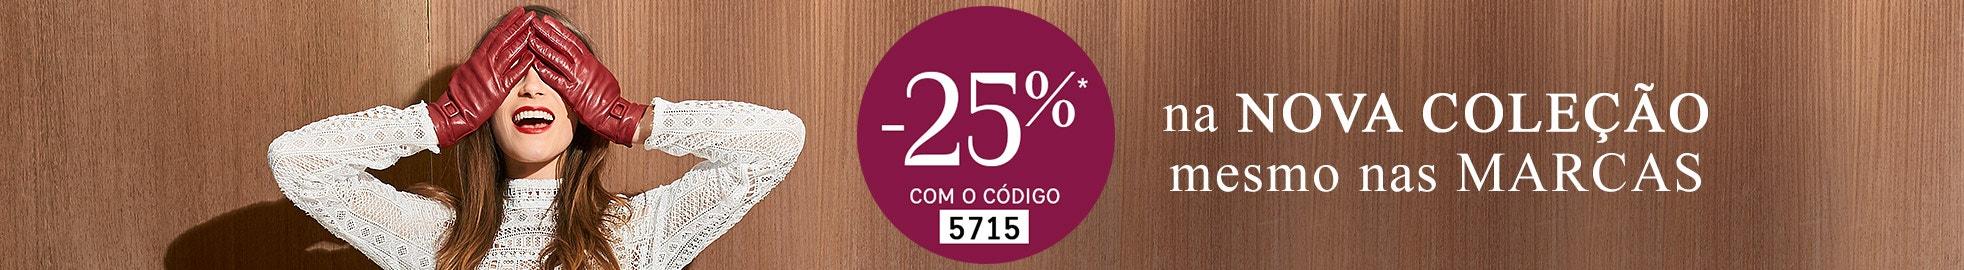 -25%* na NOVA COLEÇÃO mesmo MARCAS